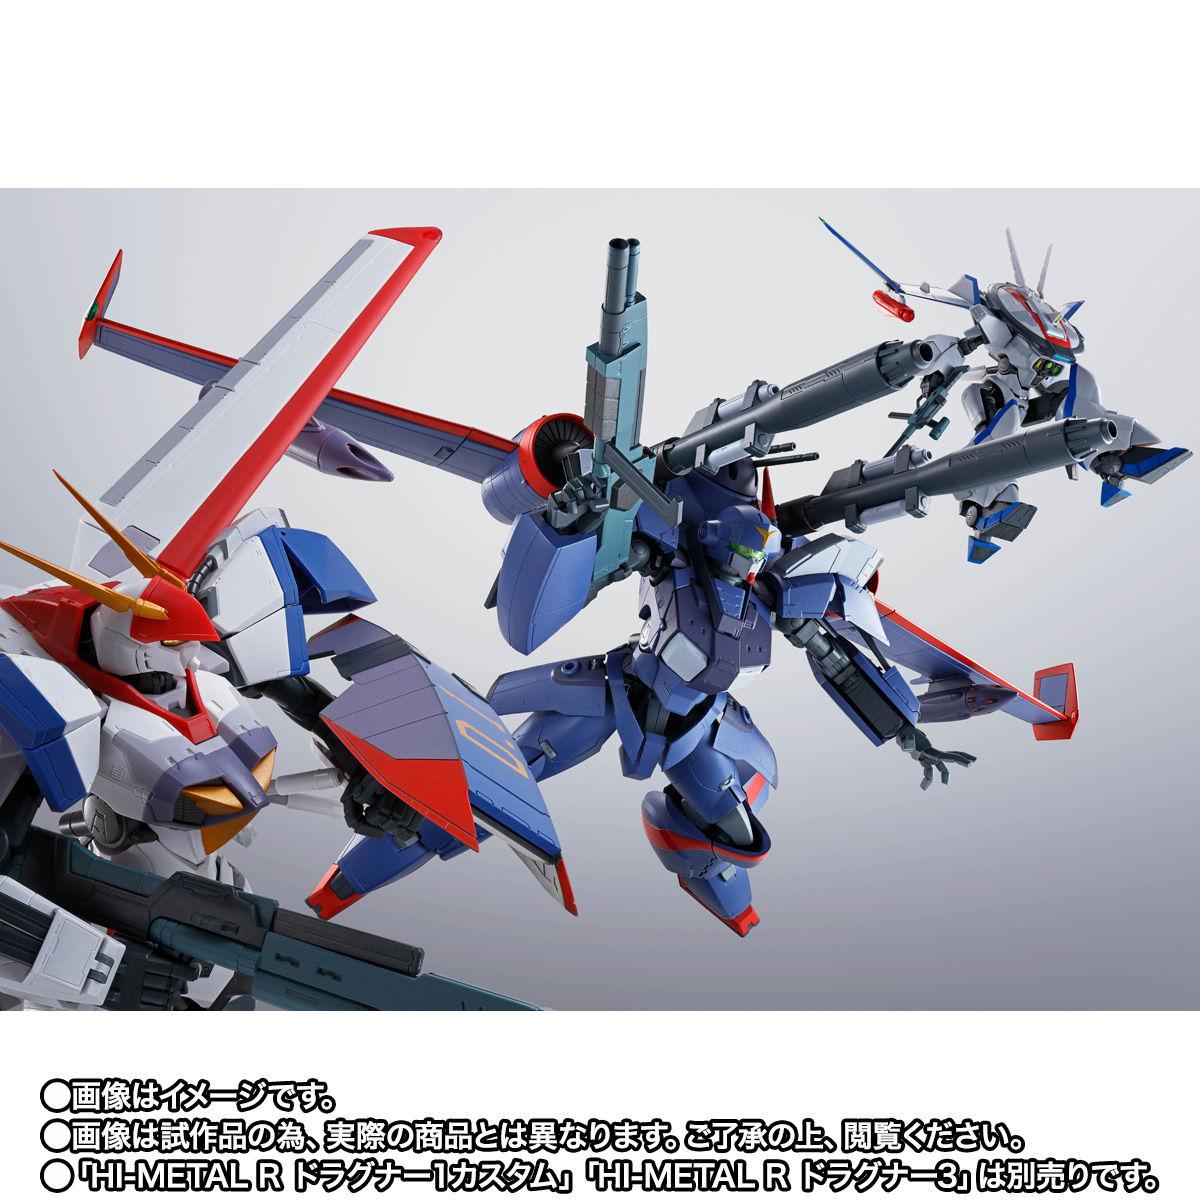 【限定販売】HI-METAL R『ドラグナー2カスタム』機甲戦記ドラグナー 可動フィギュア-008